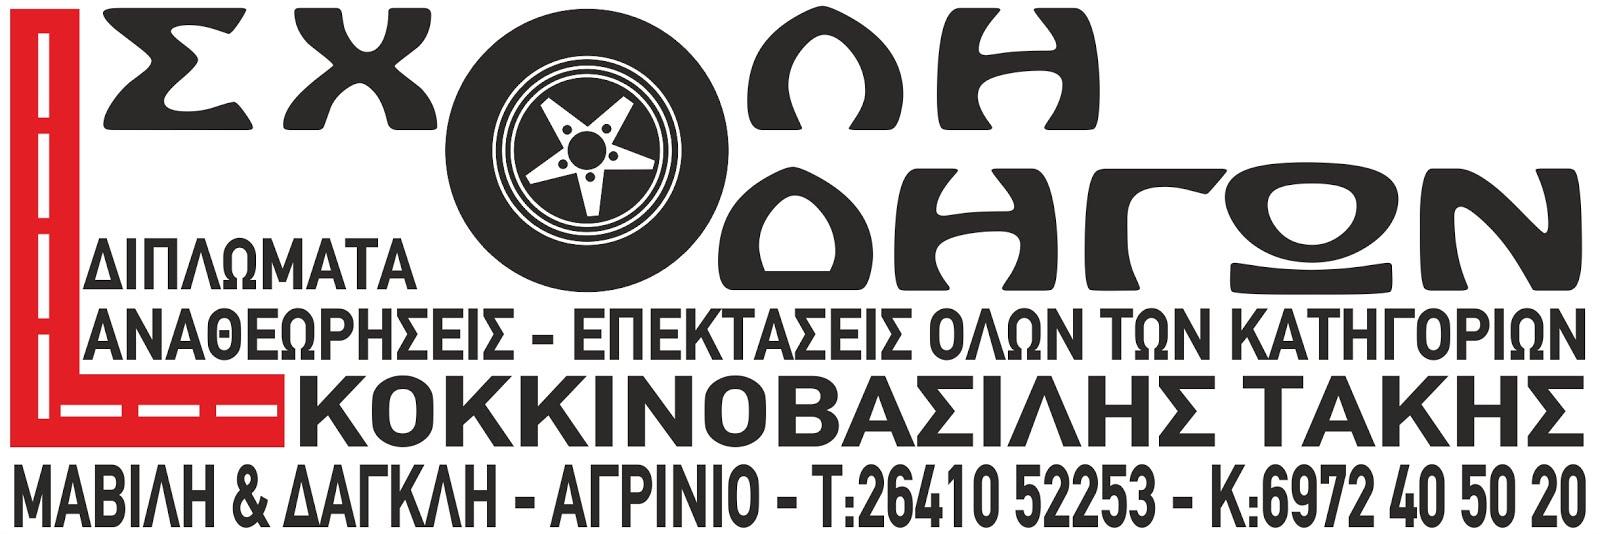 ΚΟΚΚΙΝΟΒΑΣΙΛΗΣ ΤΑΚΗΣ